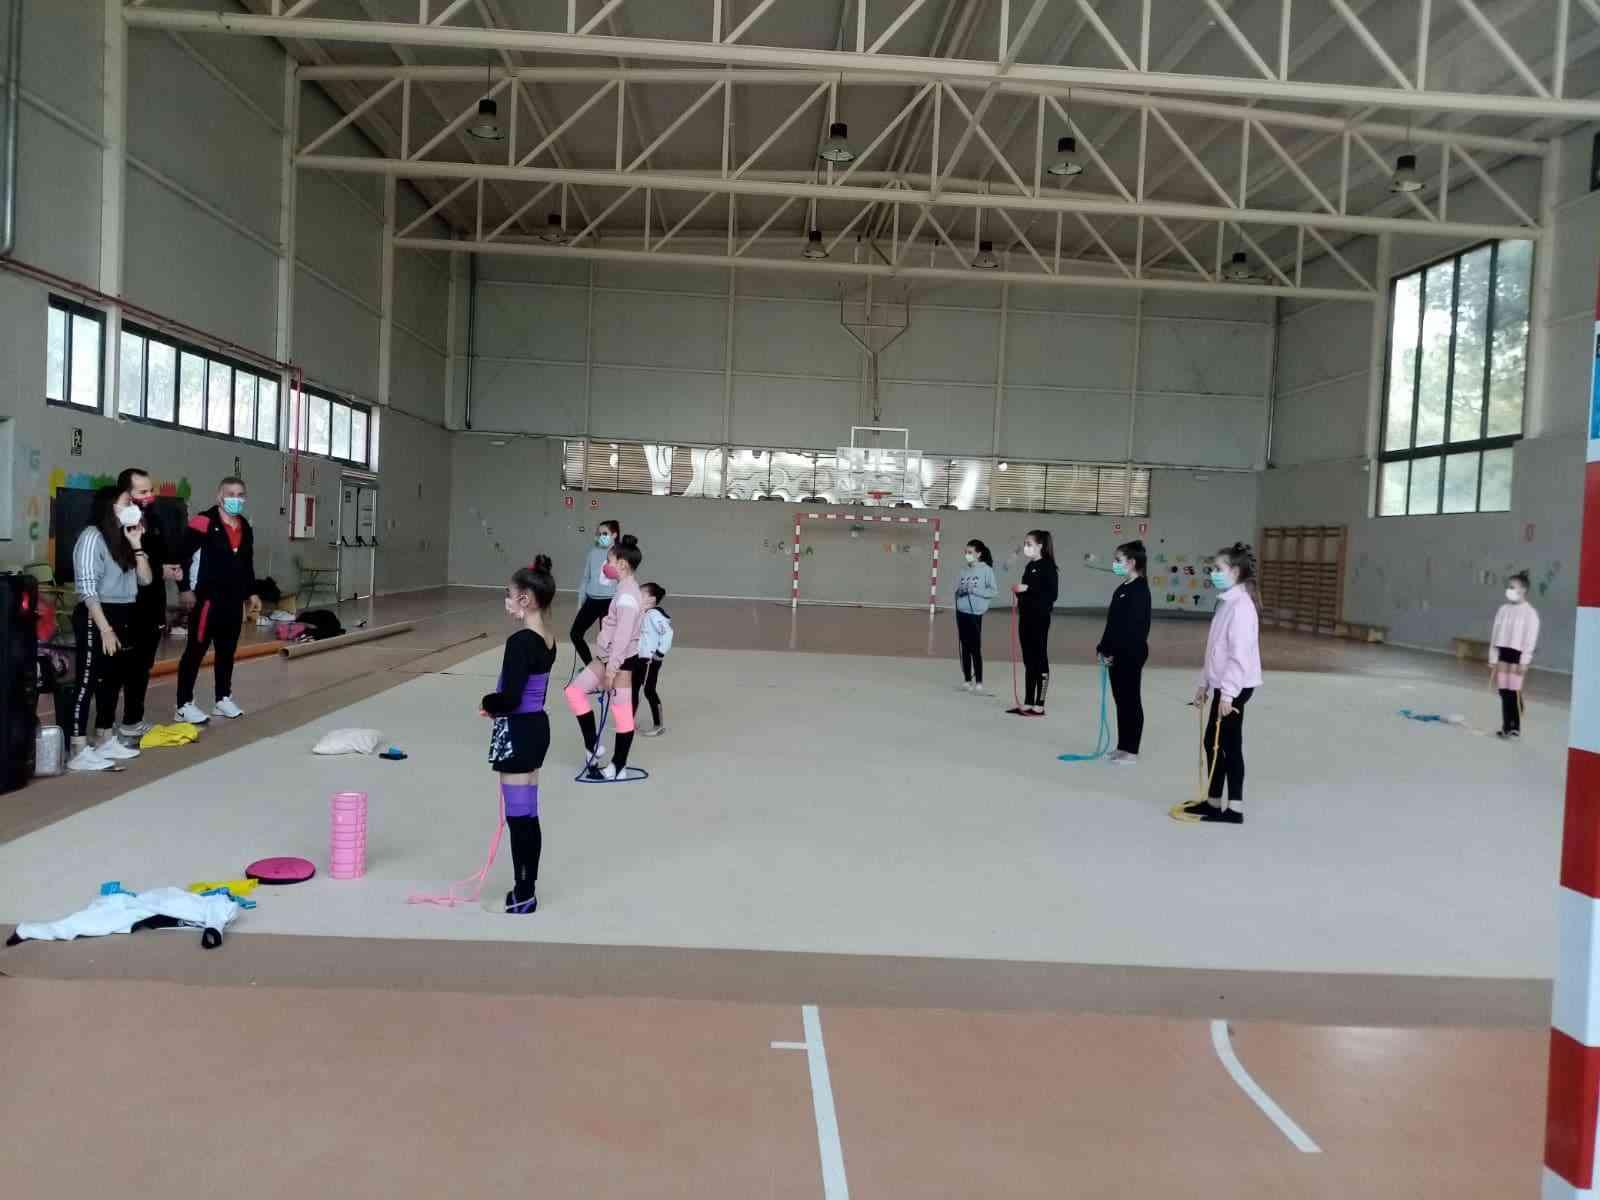 Herencia retoma su participación en el Campeonato Regional de Deporte Escolar 6